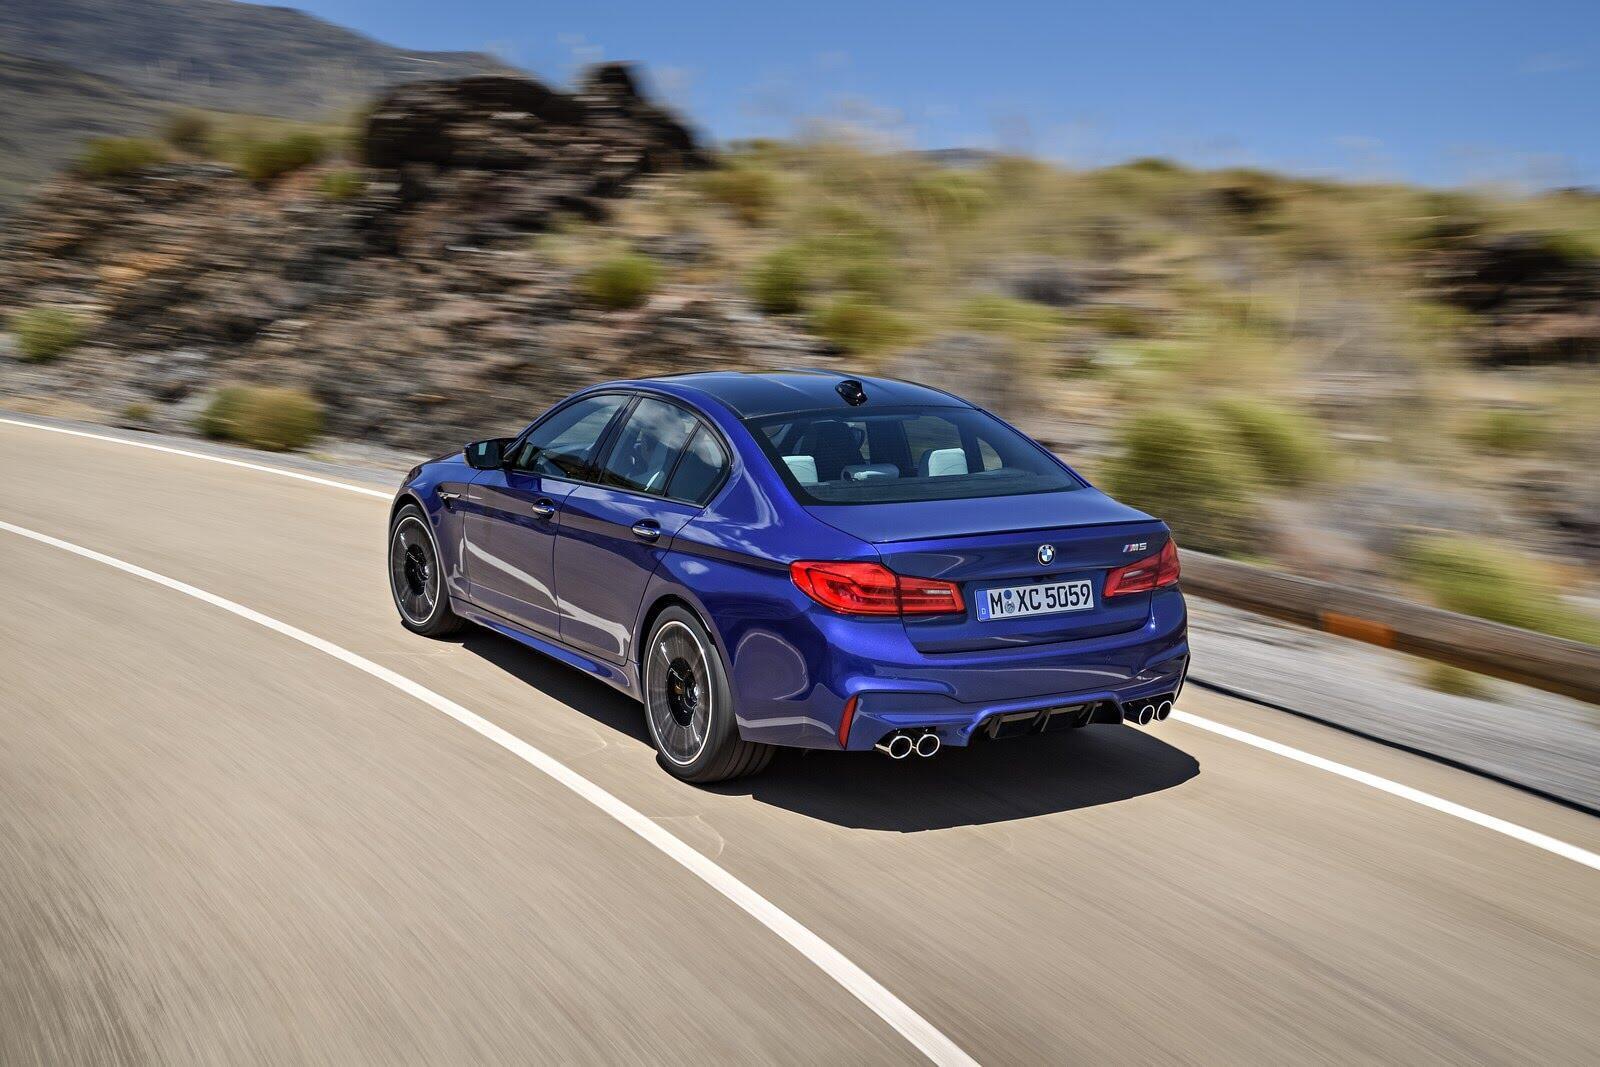 BMW M5 2018 chính thức trình làng với 600 mã lực - Hình 5